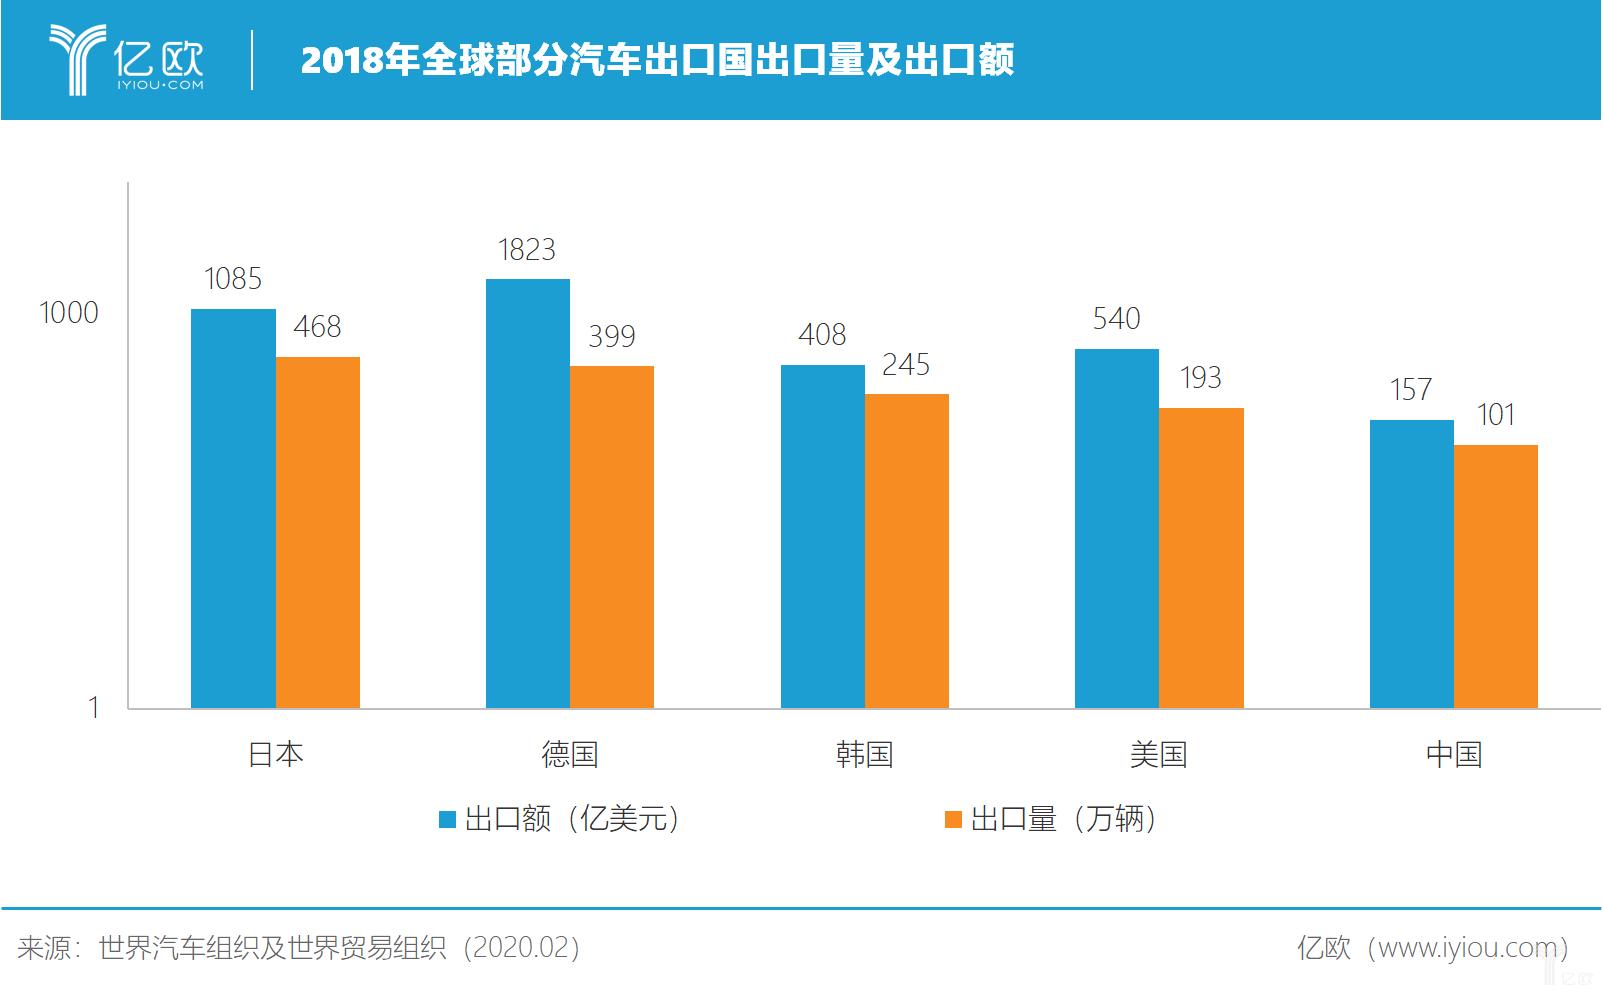 2018年全球部分汽车出口国出口量及出口额